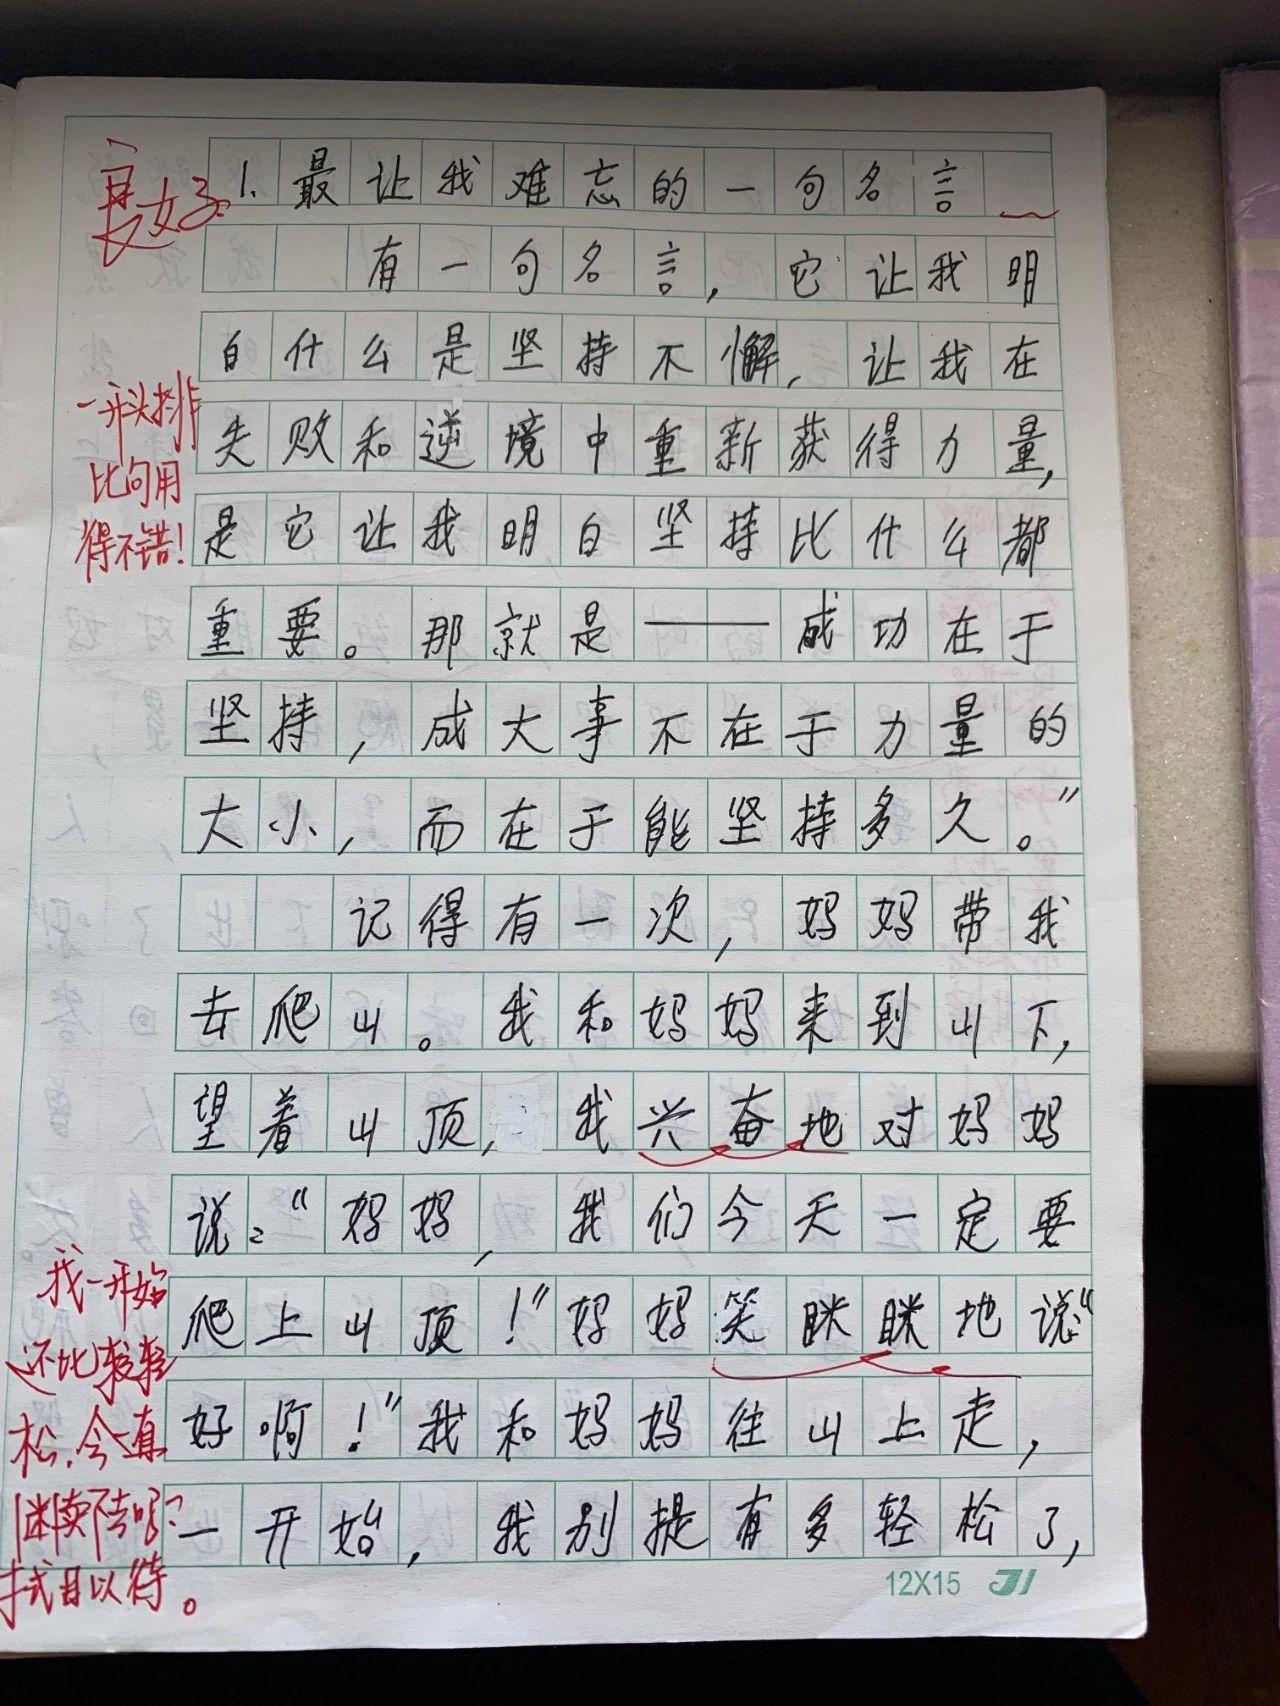 陈瑾的作文